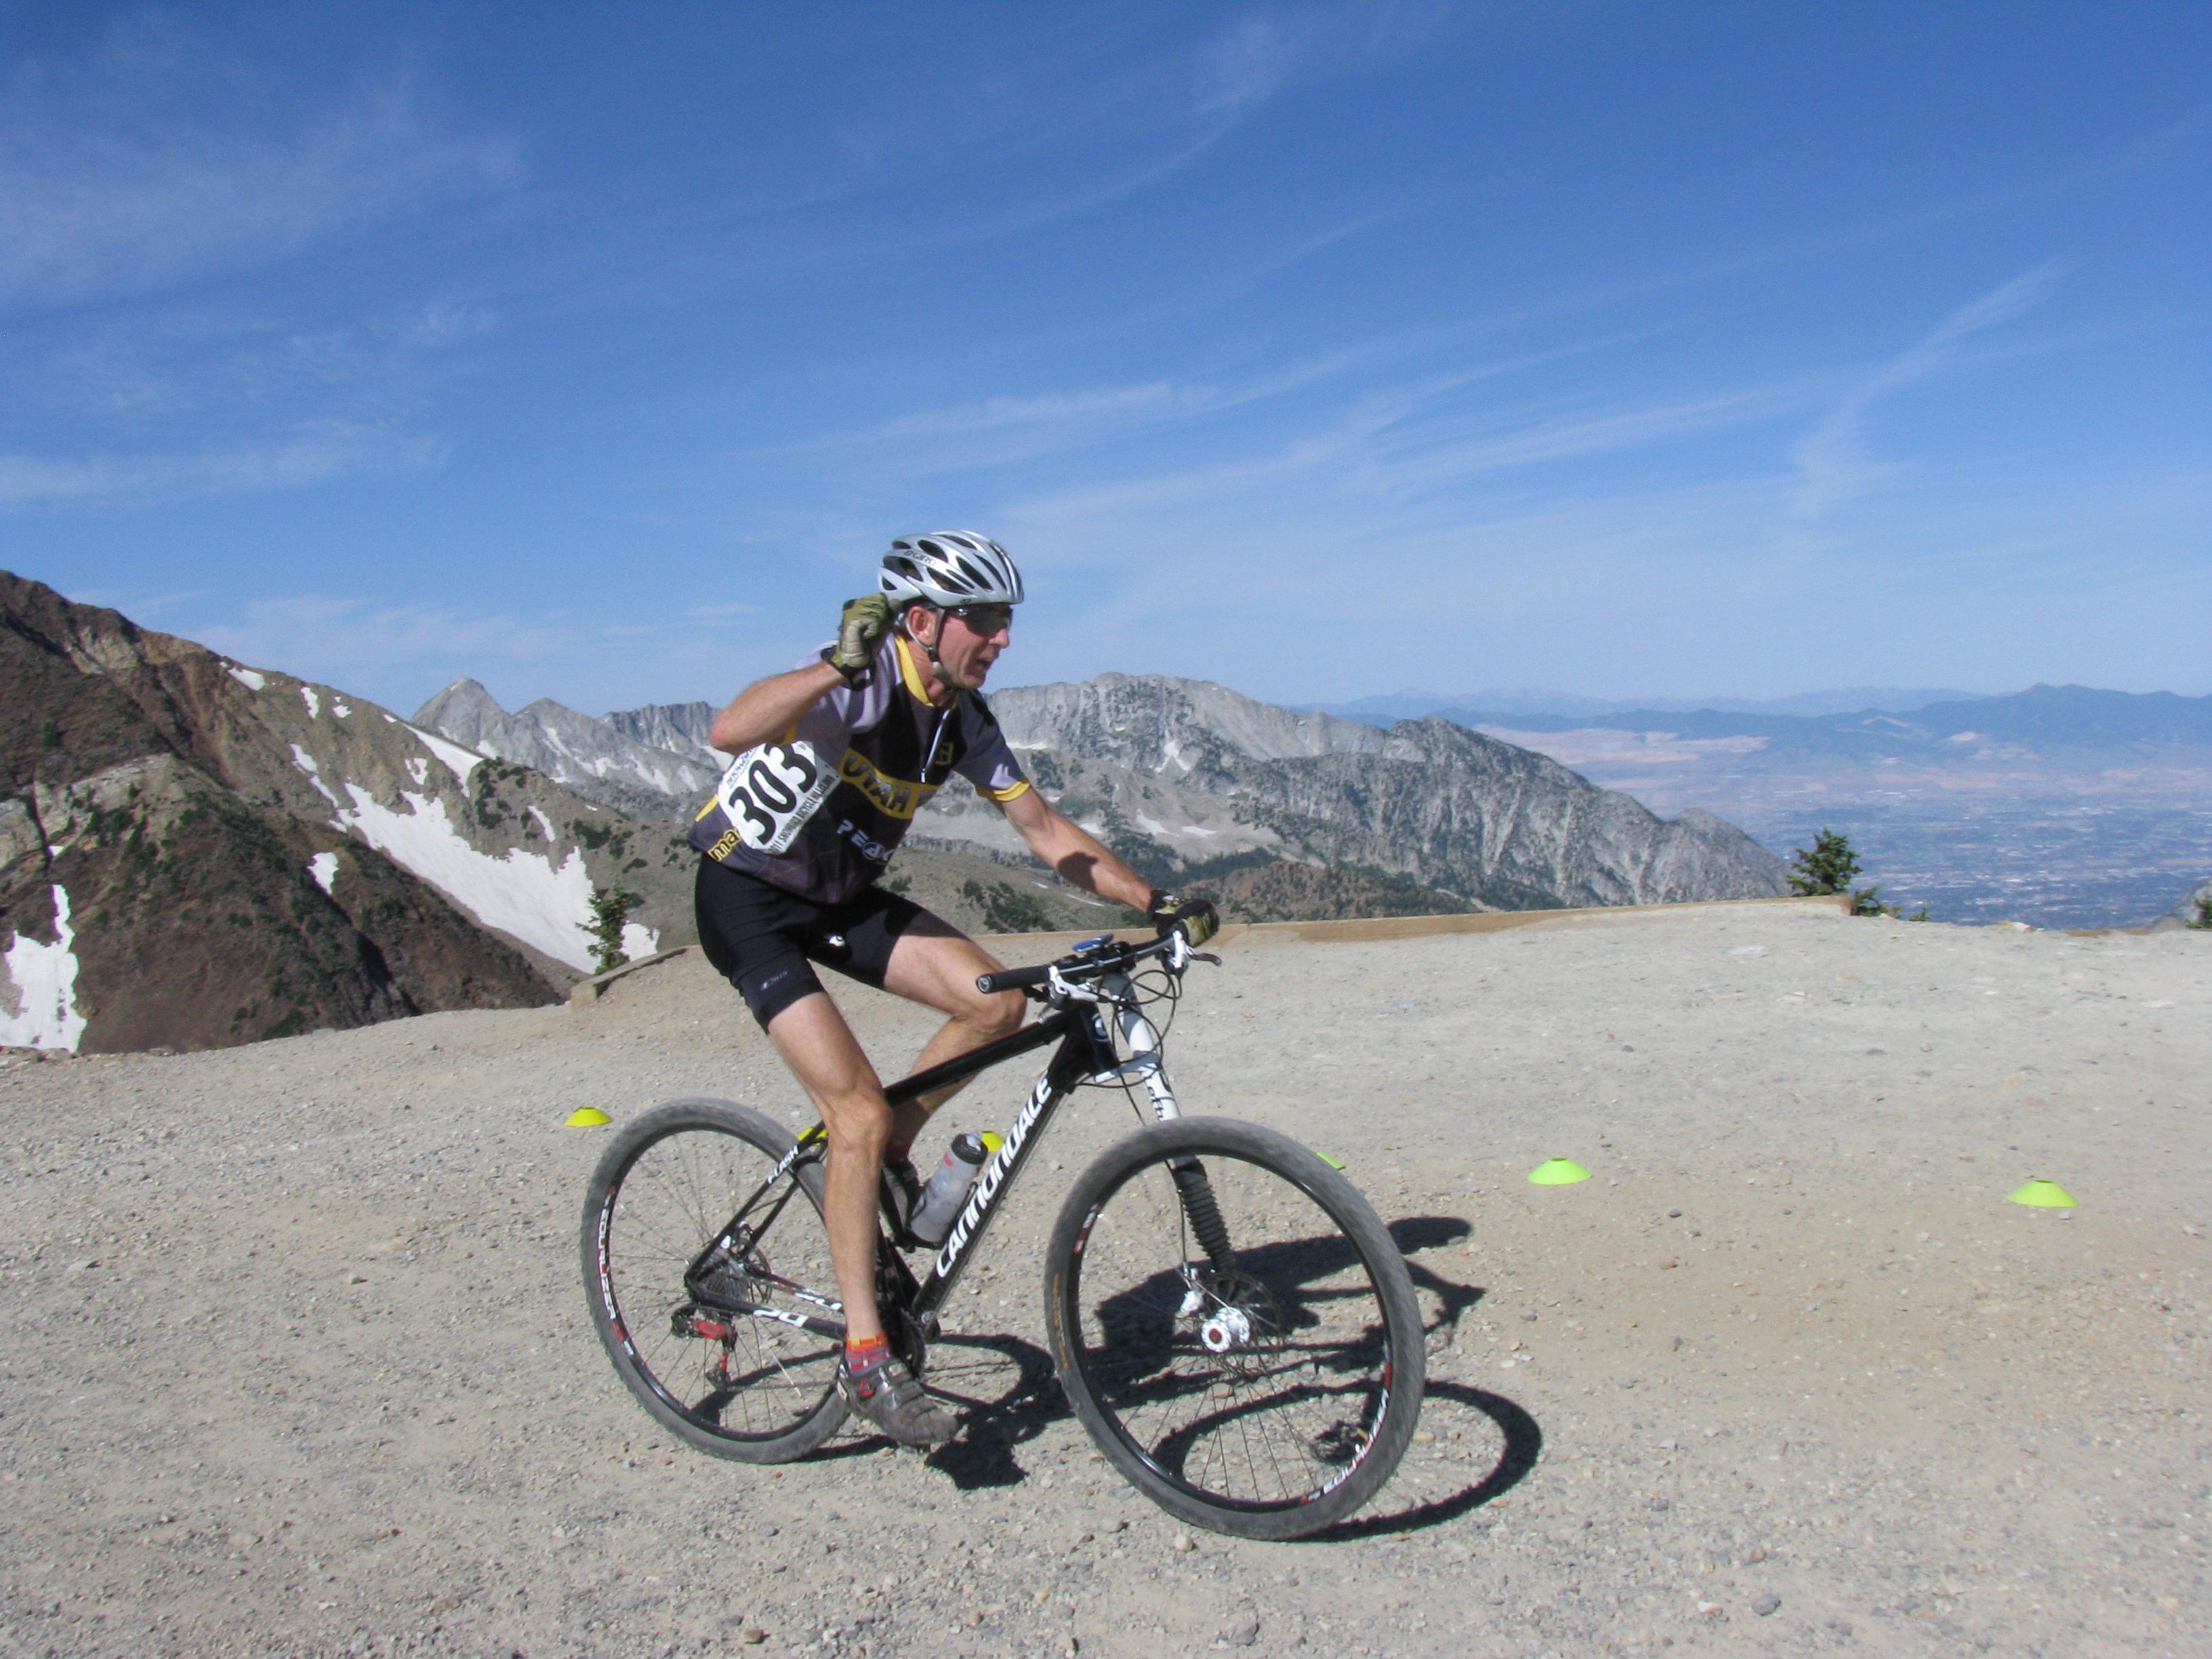 Snobrid Hill climb